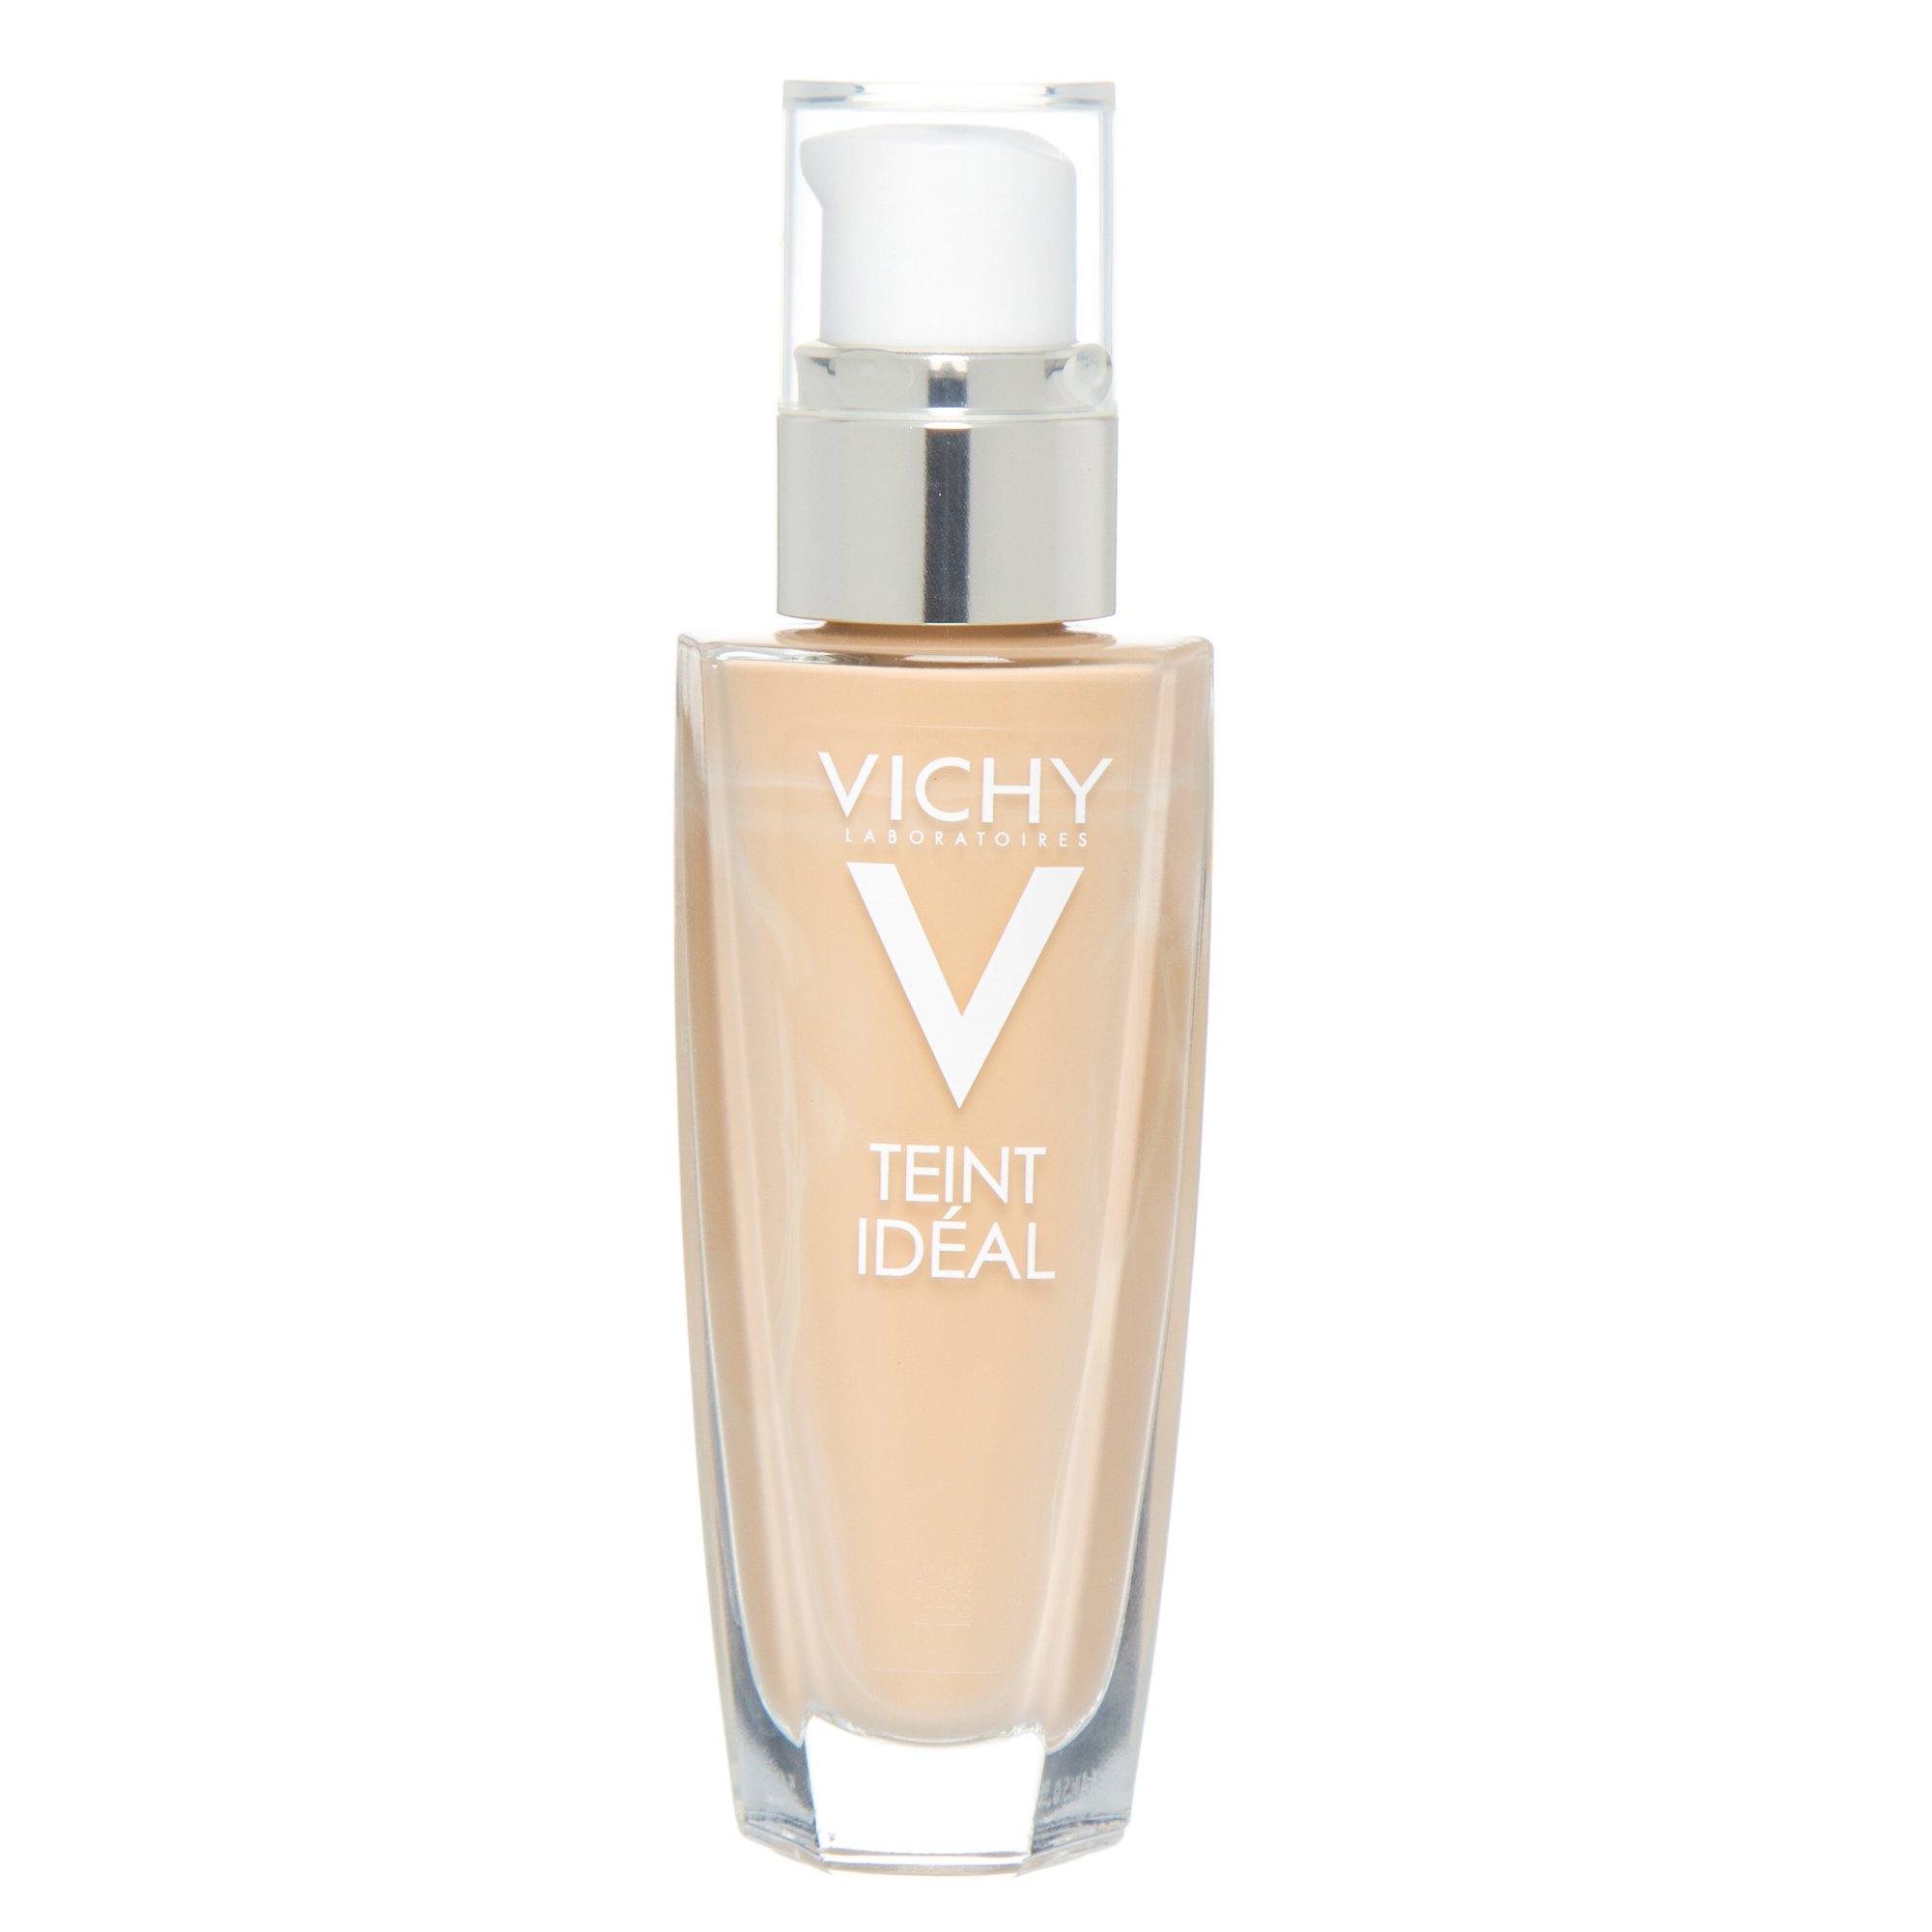 Vichy Teint Idéal Fluid